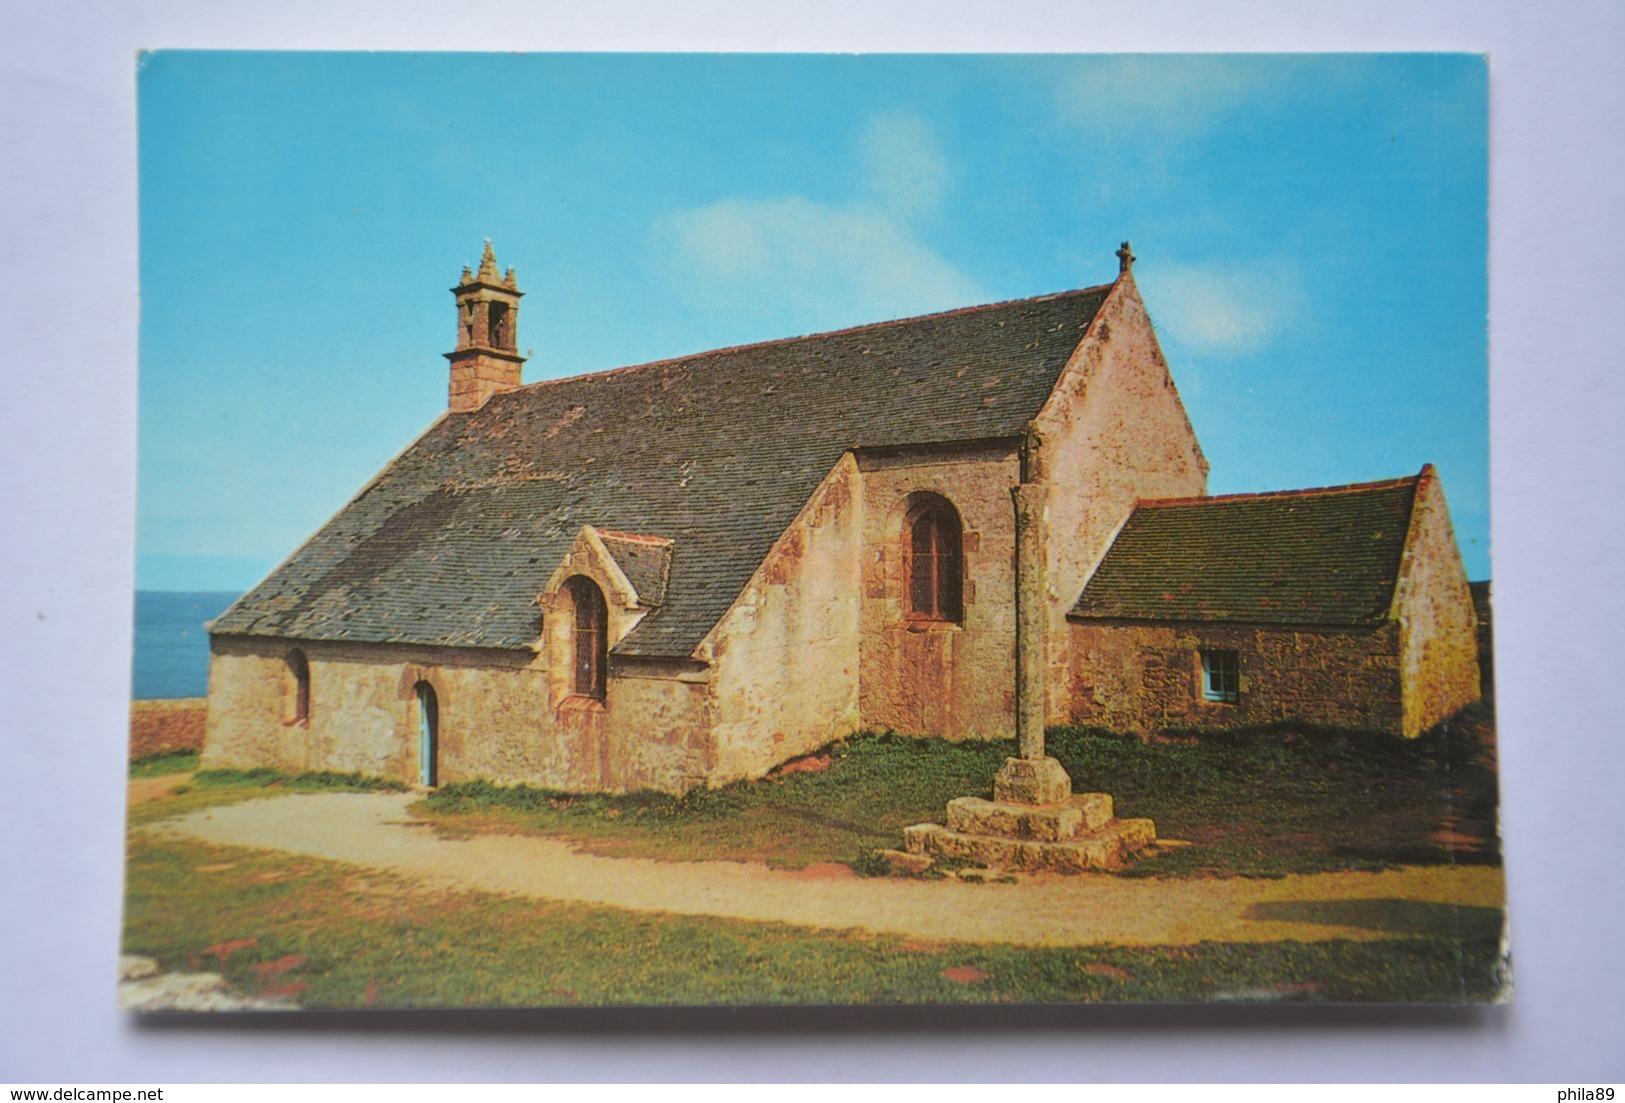 CLEDEN-CAP-SUZIN-chapelle Saint They - Cléden-Cap-Sizun